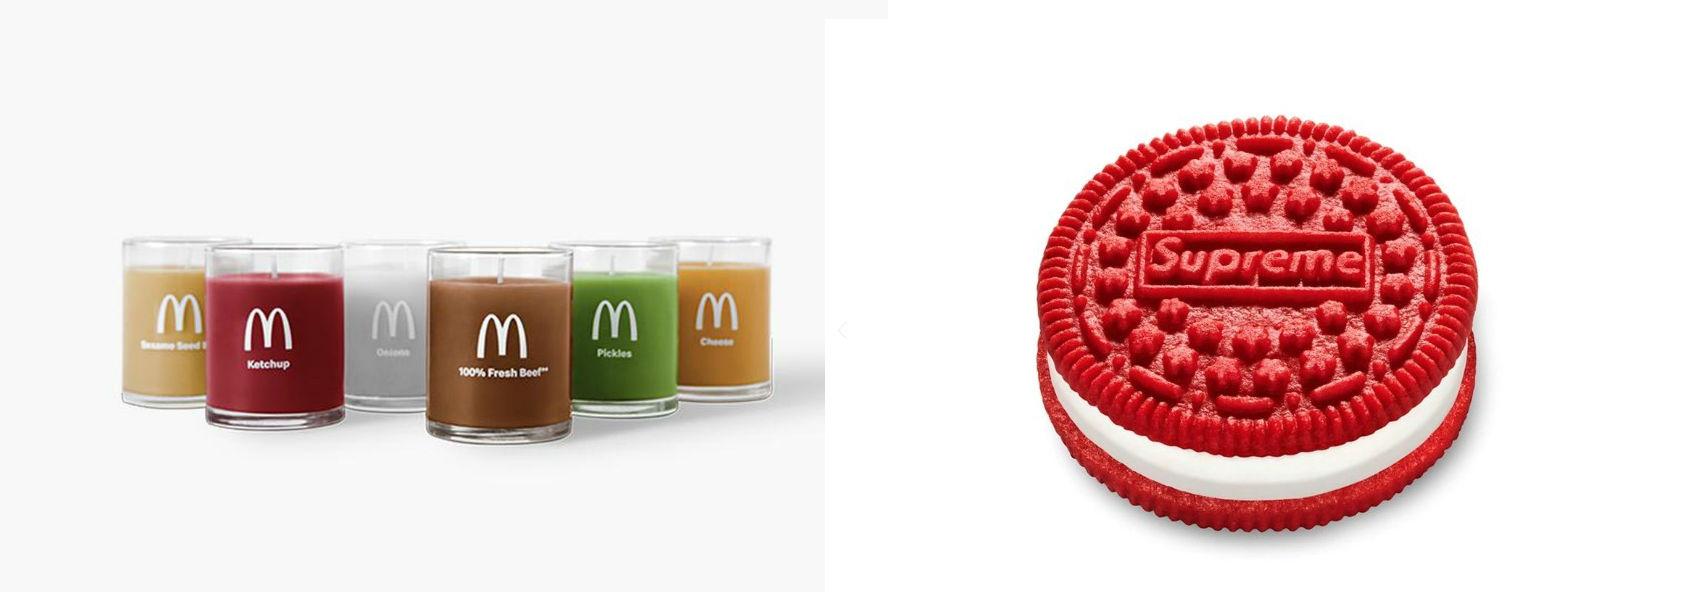 News bezużyteczny: Oreo zlogiem Supreme za100 tys. złotych iświeczki ozapachu Big Maca